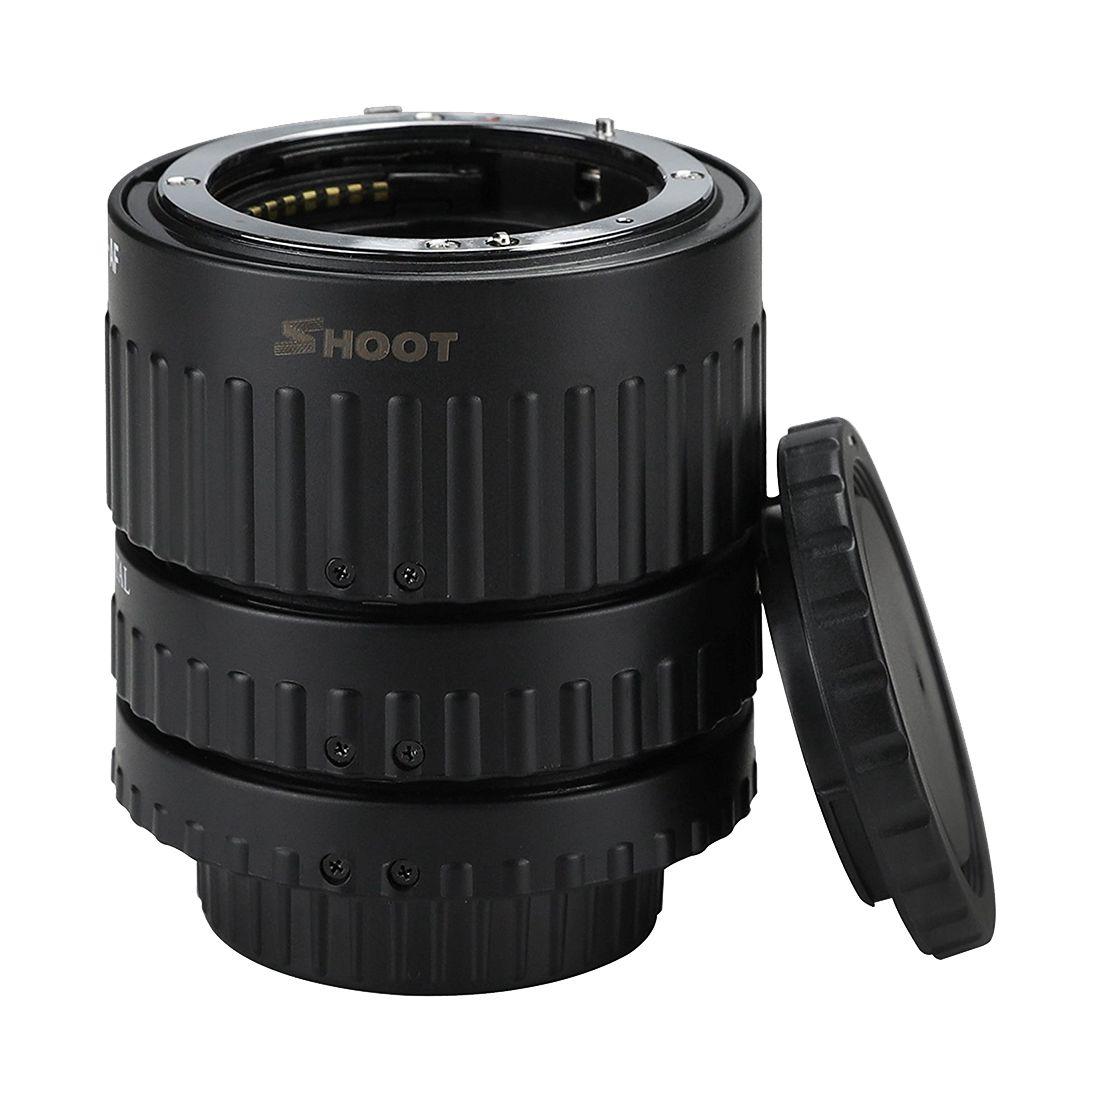 Nuovo Messa A Fuoco Automatica Set Per Nikon DSLR Lens Adapter AF Macro Extension Tube Set Per Nikon D90 D3000 5000 D300 D600 e più